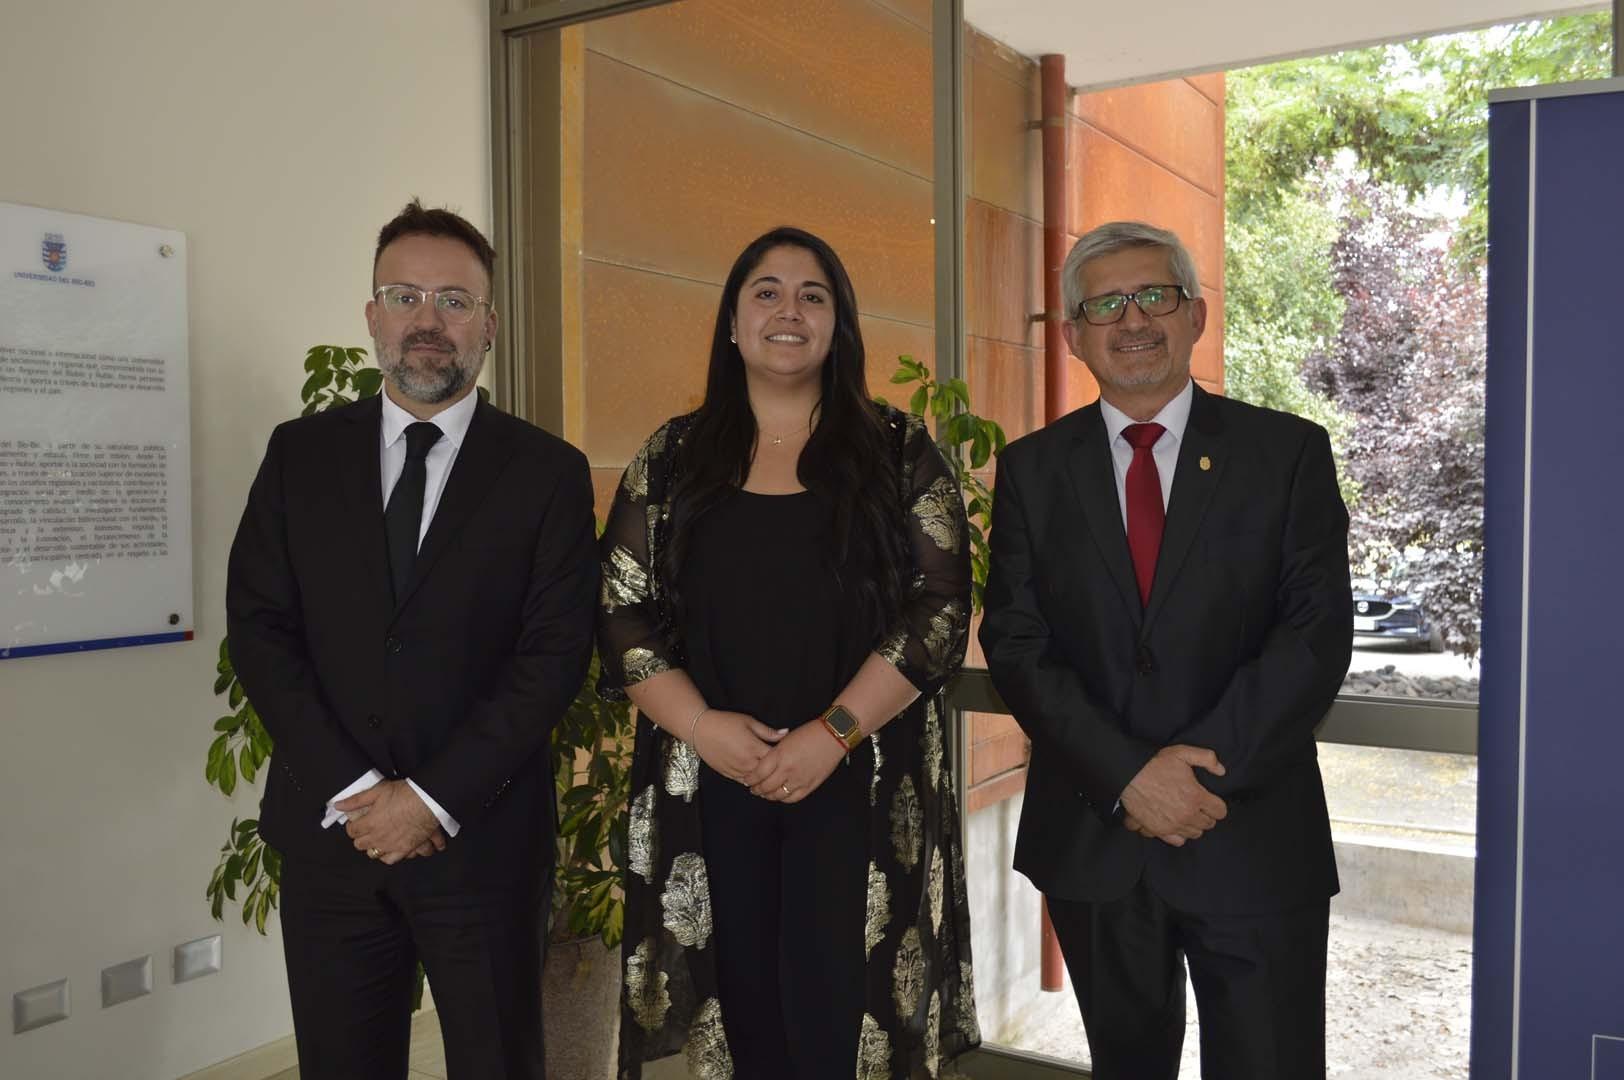 Álvaro Acuña (Jefe de Carrera Ingeniería Comercial), Constanza Olguín (Coordinadora ejecutiva de Programas Especiales de Continuidad de Estudios) y Manuel Crisosto (Secretario Académico FACE)